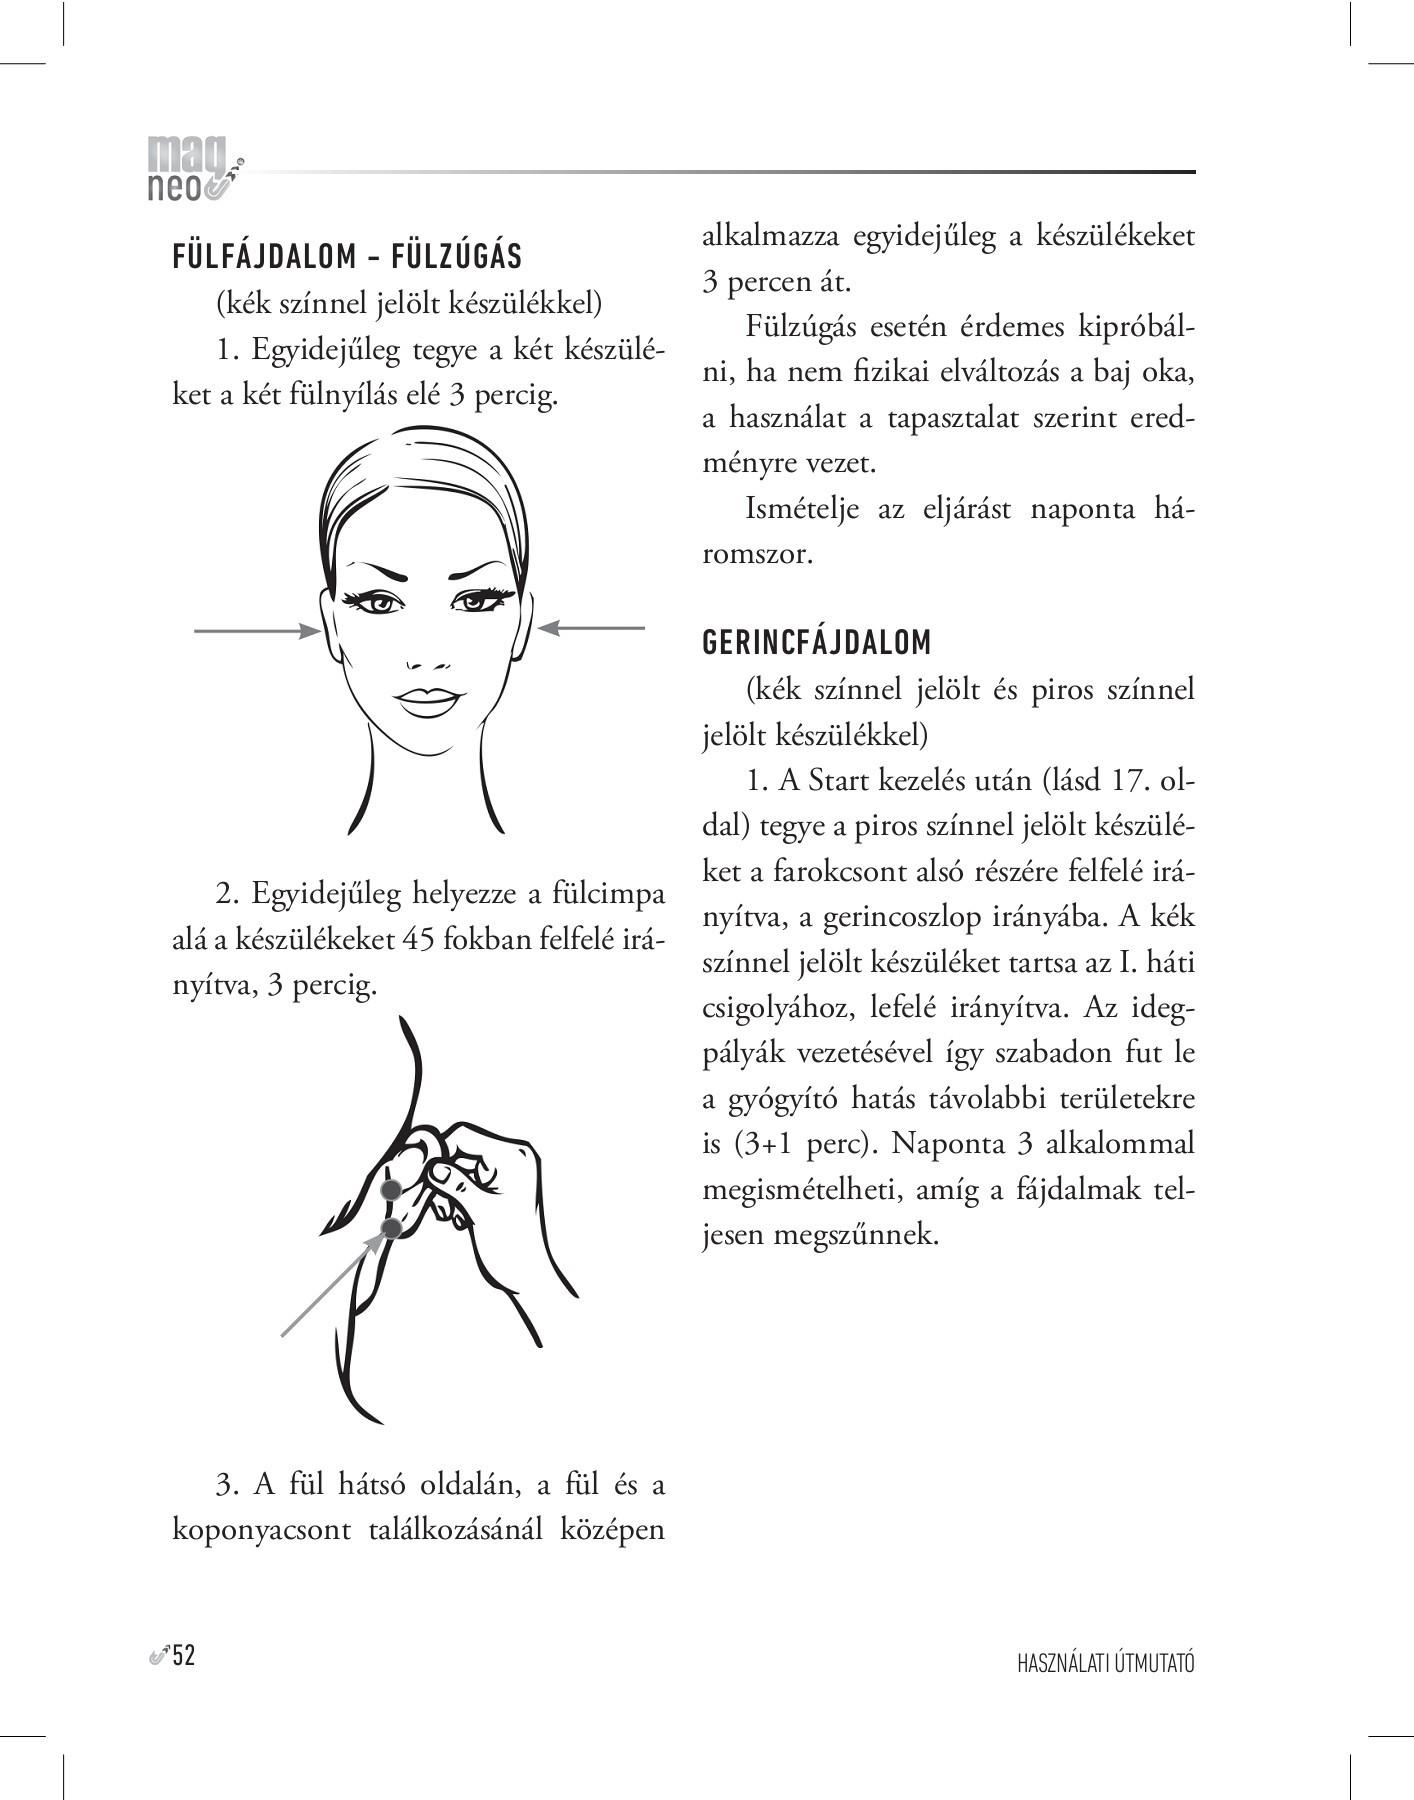 csípőízületi gyulladáscsökkentő gyógyszer